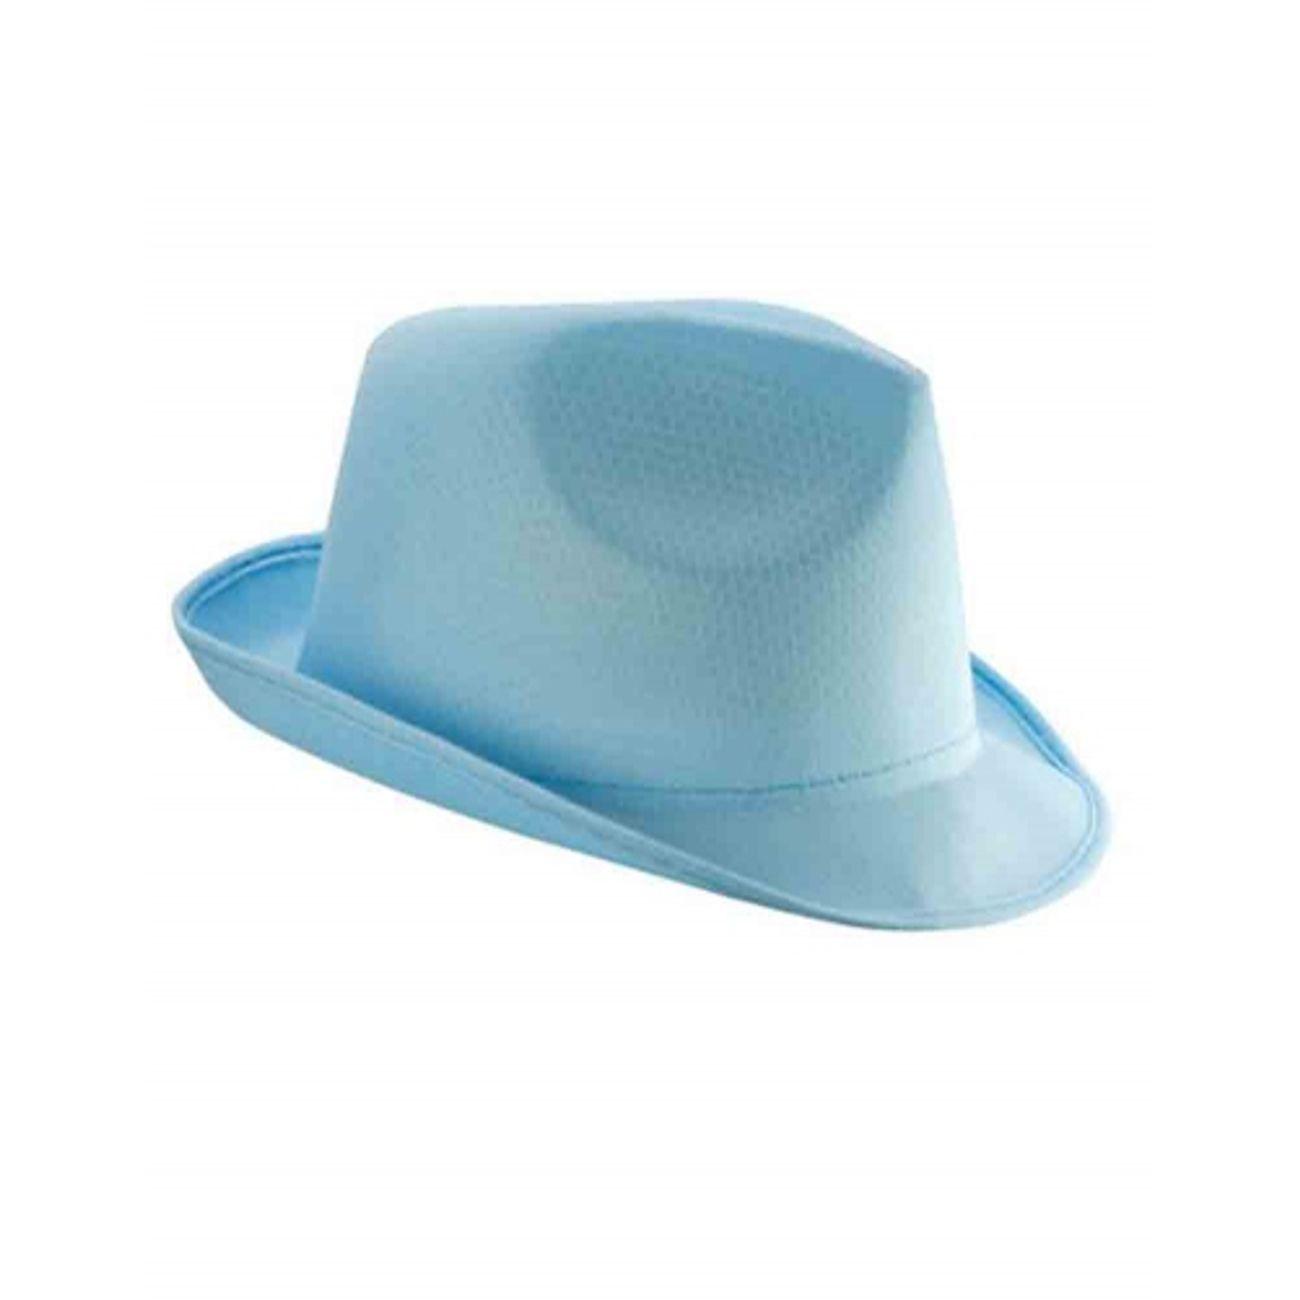 0623680ba9b chapeau-leger---coloris-bleu -clair---adulte---c2078---taille-unique---ideal-pour-soirees-disco-bals-costumes 1 v1.jpeg